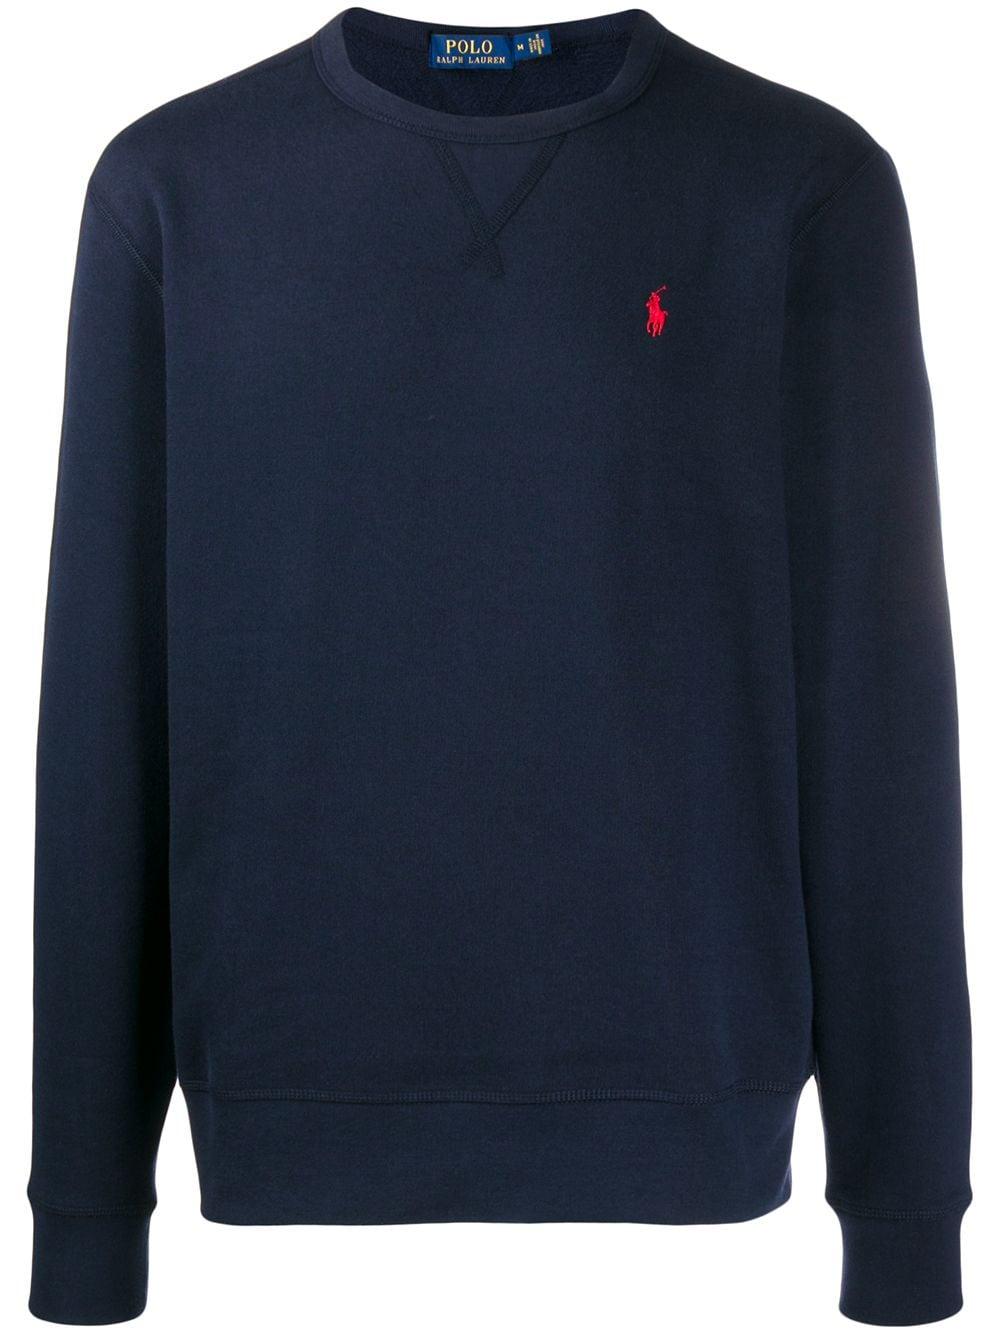 Polo Ralph Lauren Pullover mit Rundhalsausschnitt - Blau